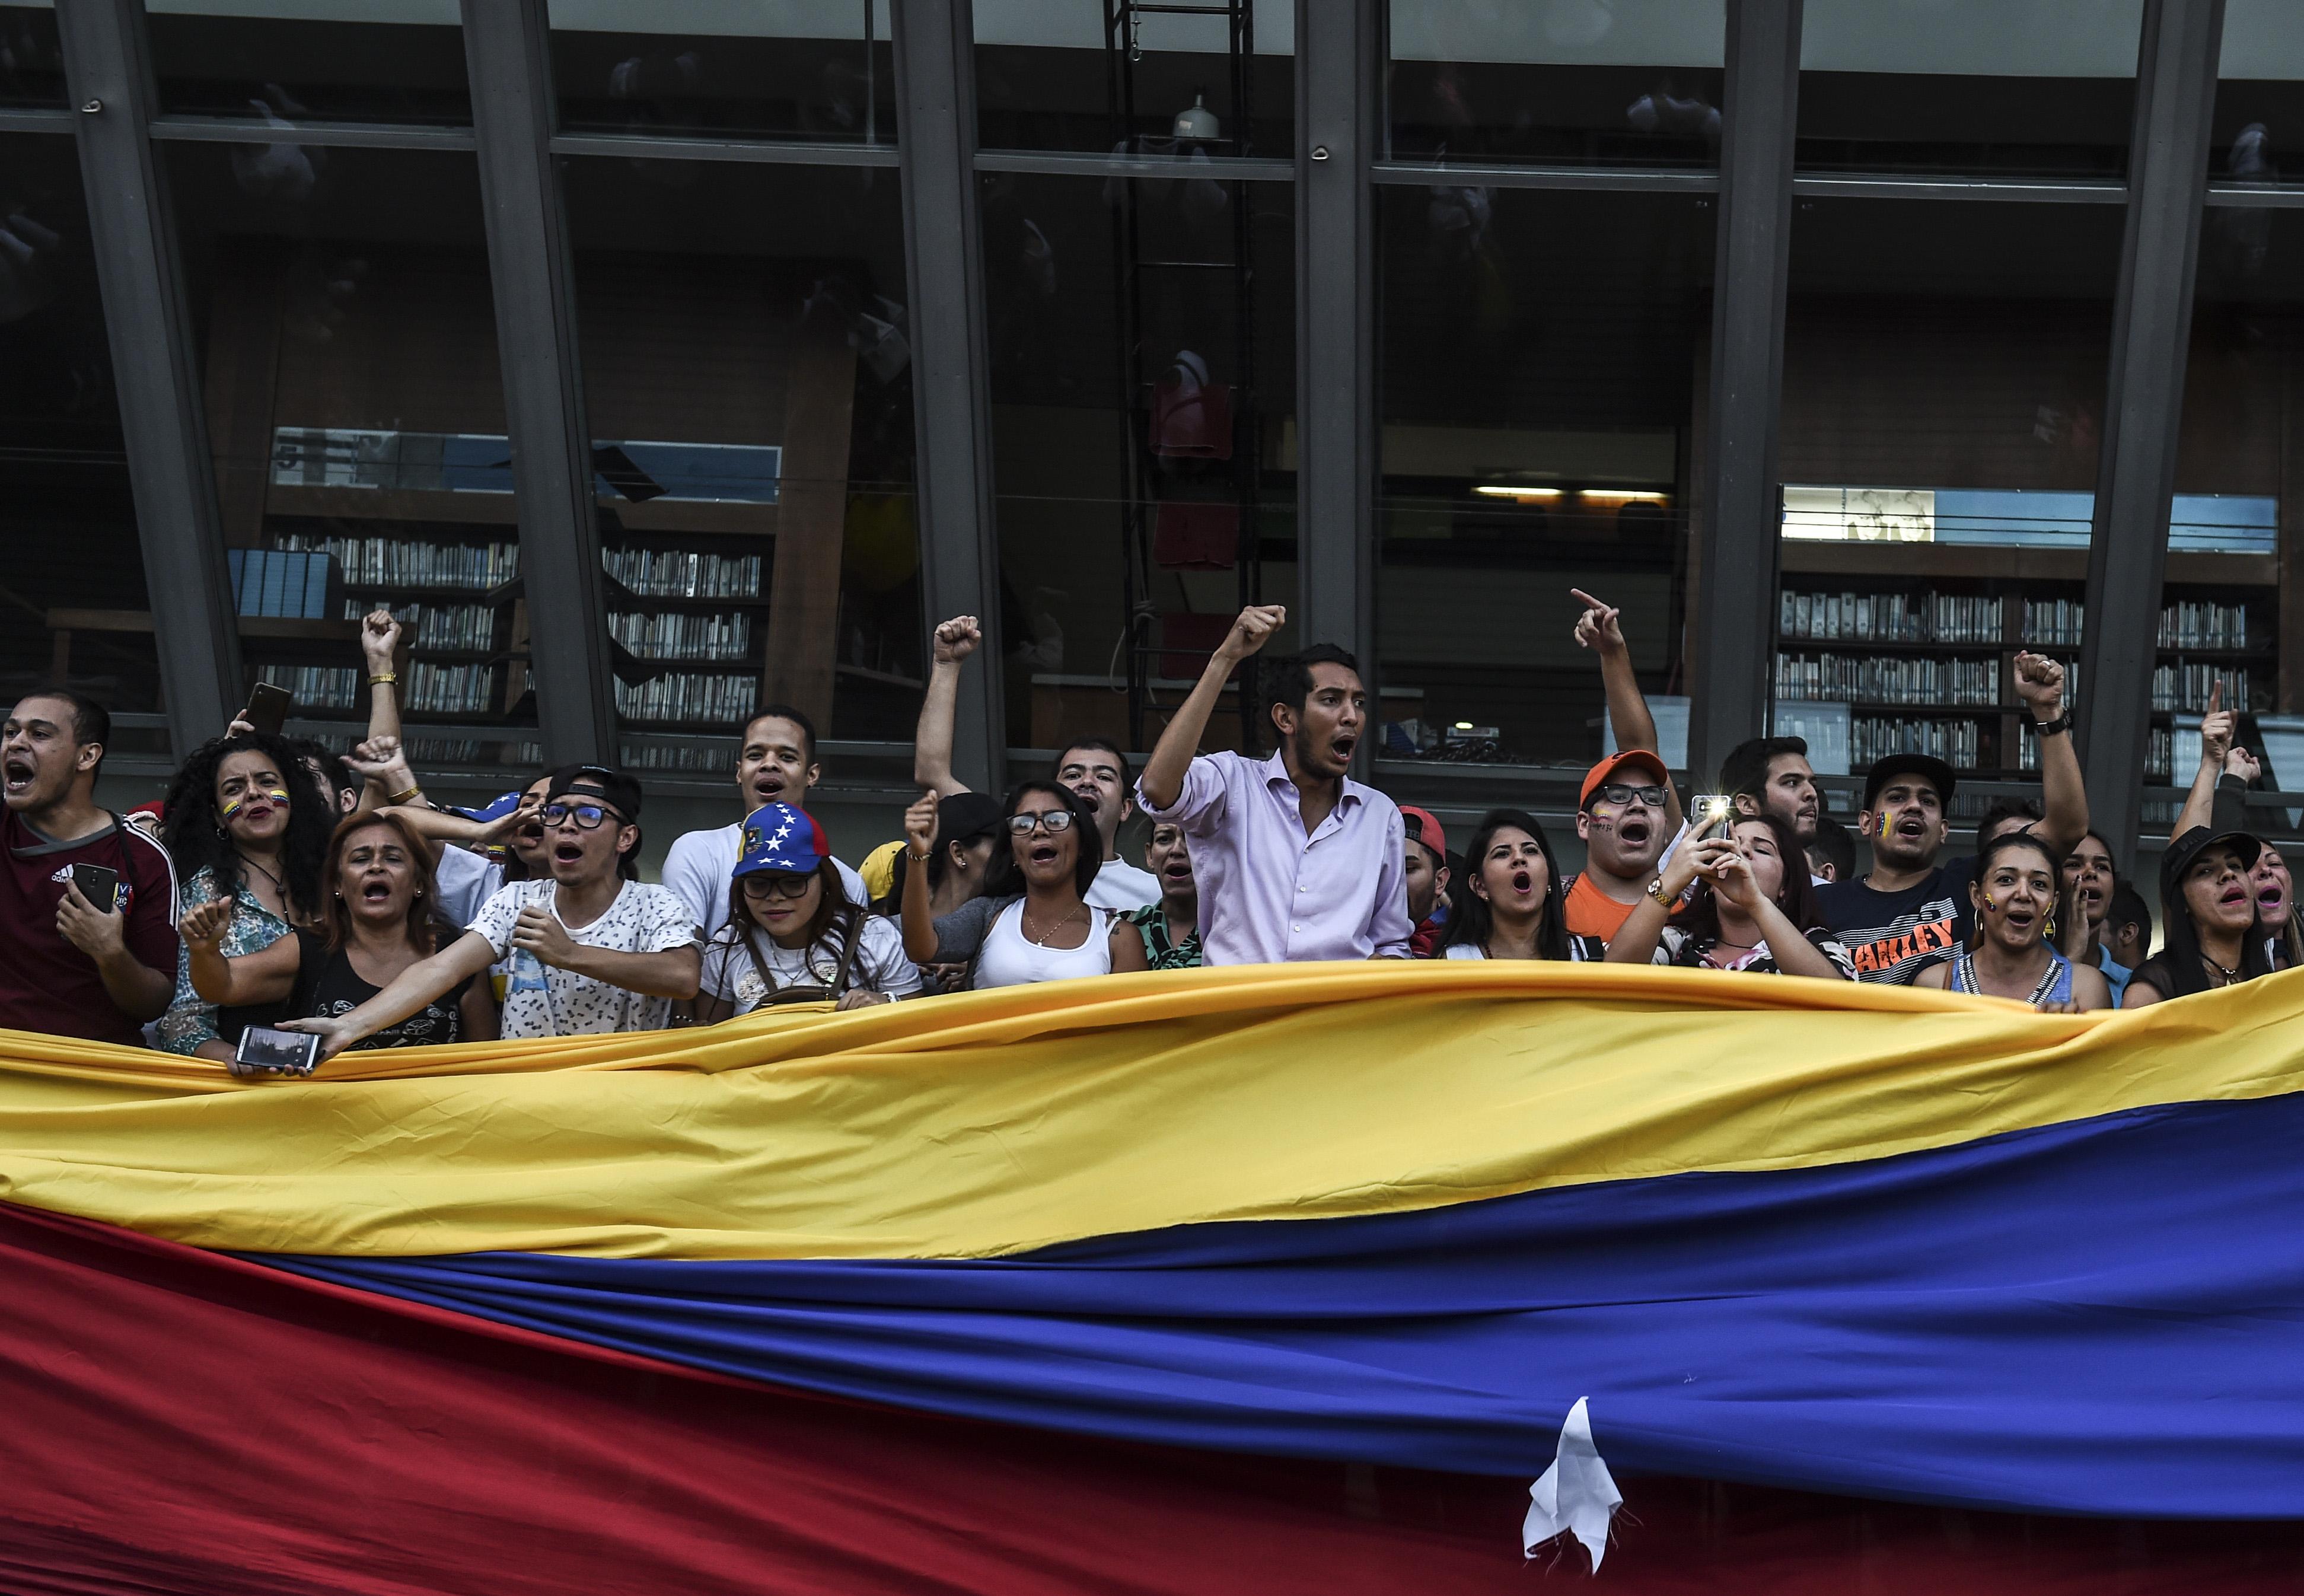 Medellín. (Photo by JOAQUIN SARMIENTO / AFP)